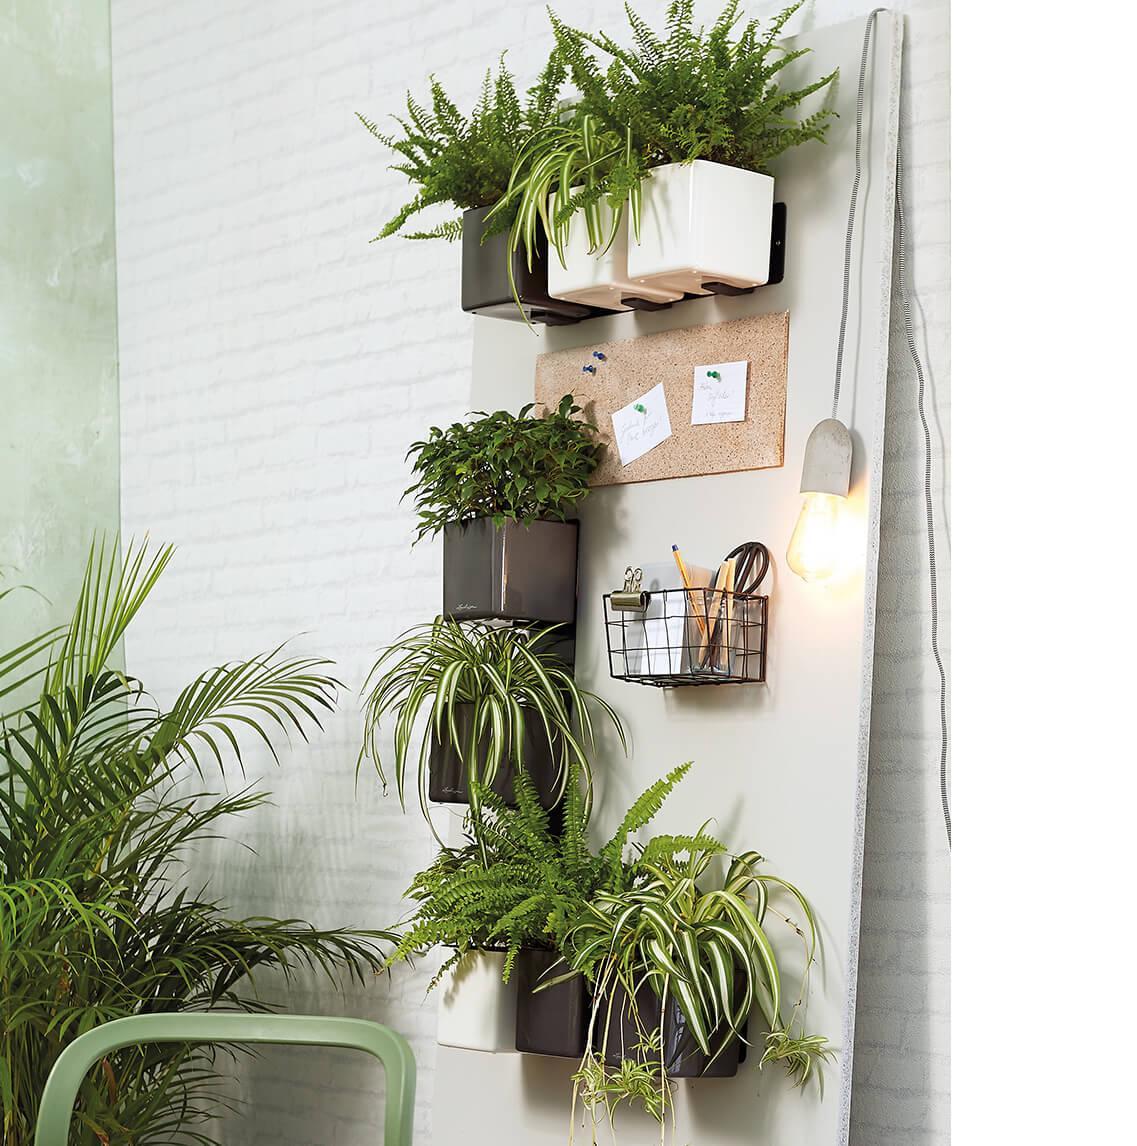 Diversi Green Wall Kit sono appesi a una parete insieme a un portapenne e a una bacheca